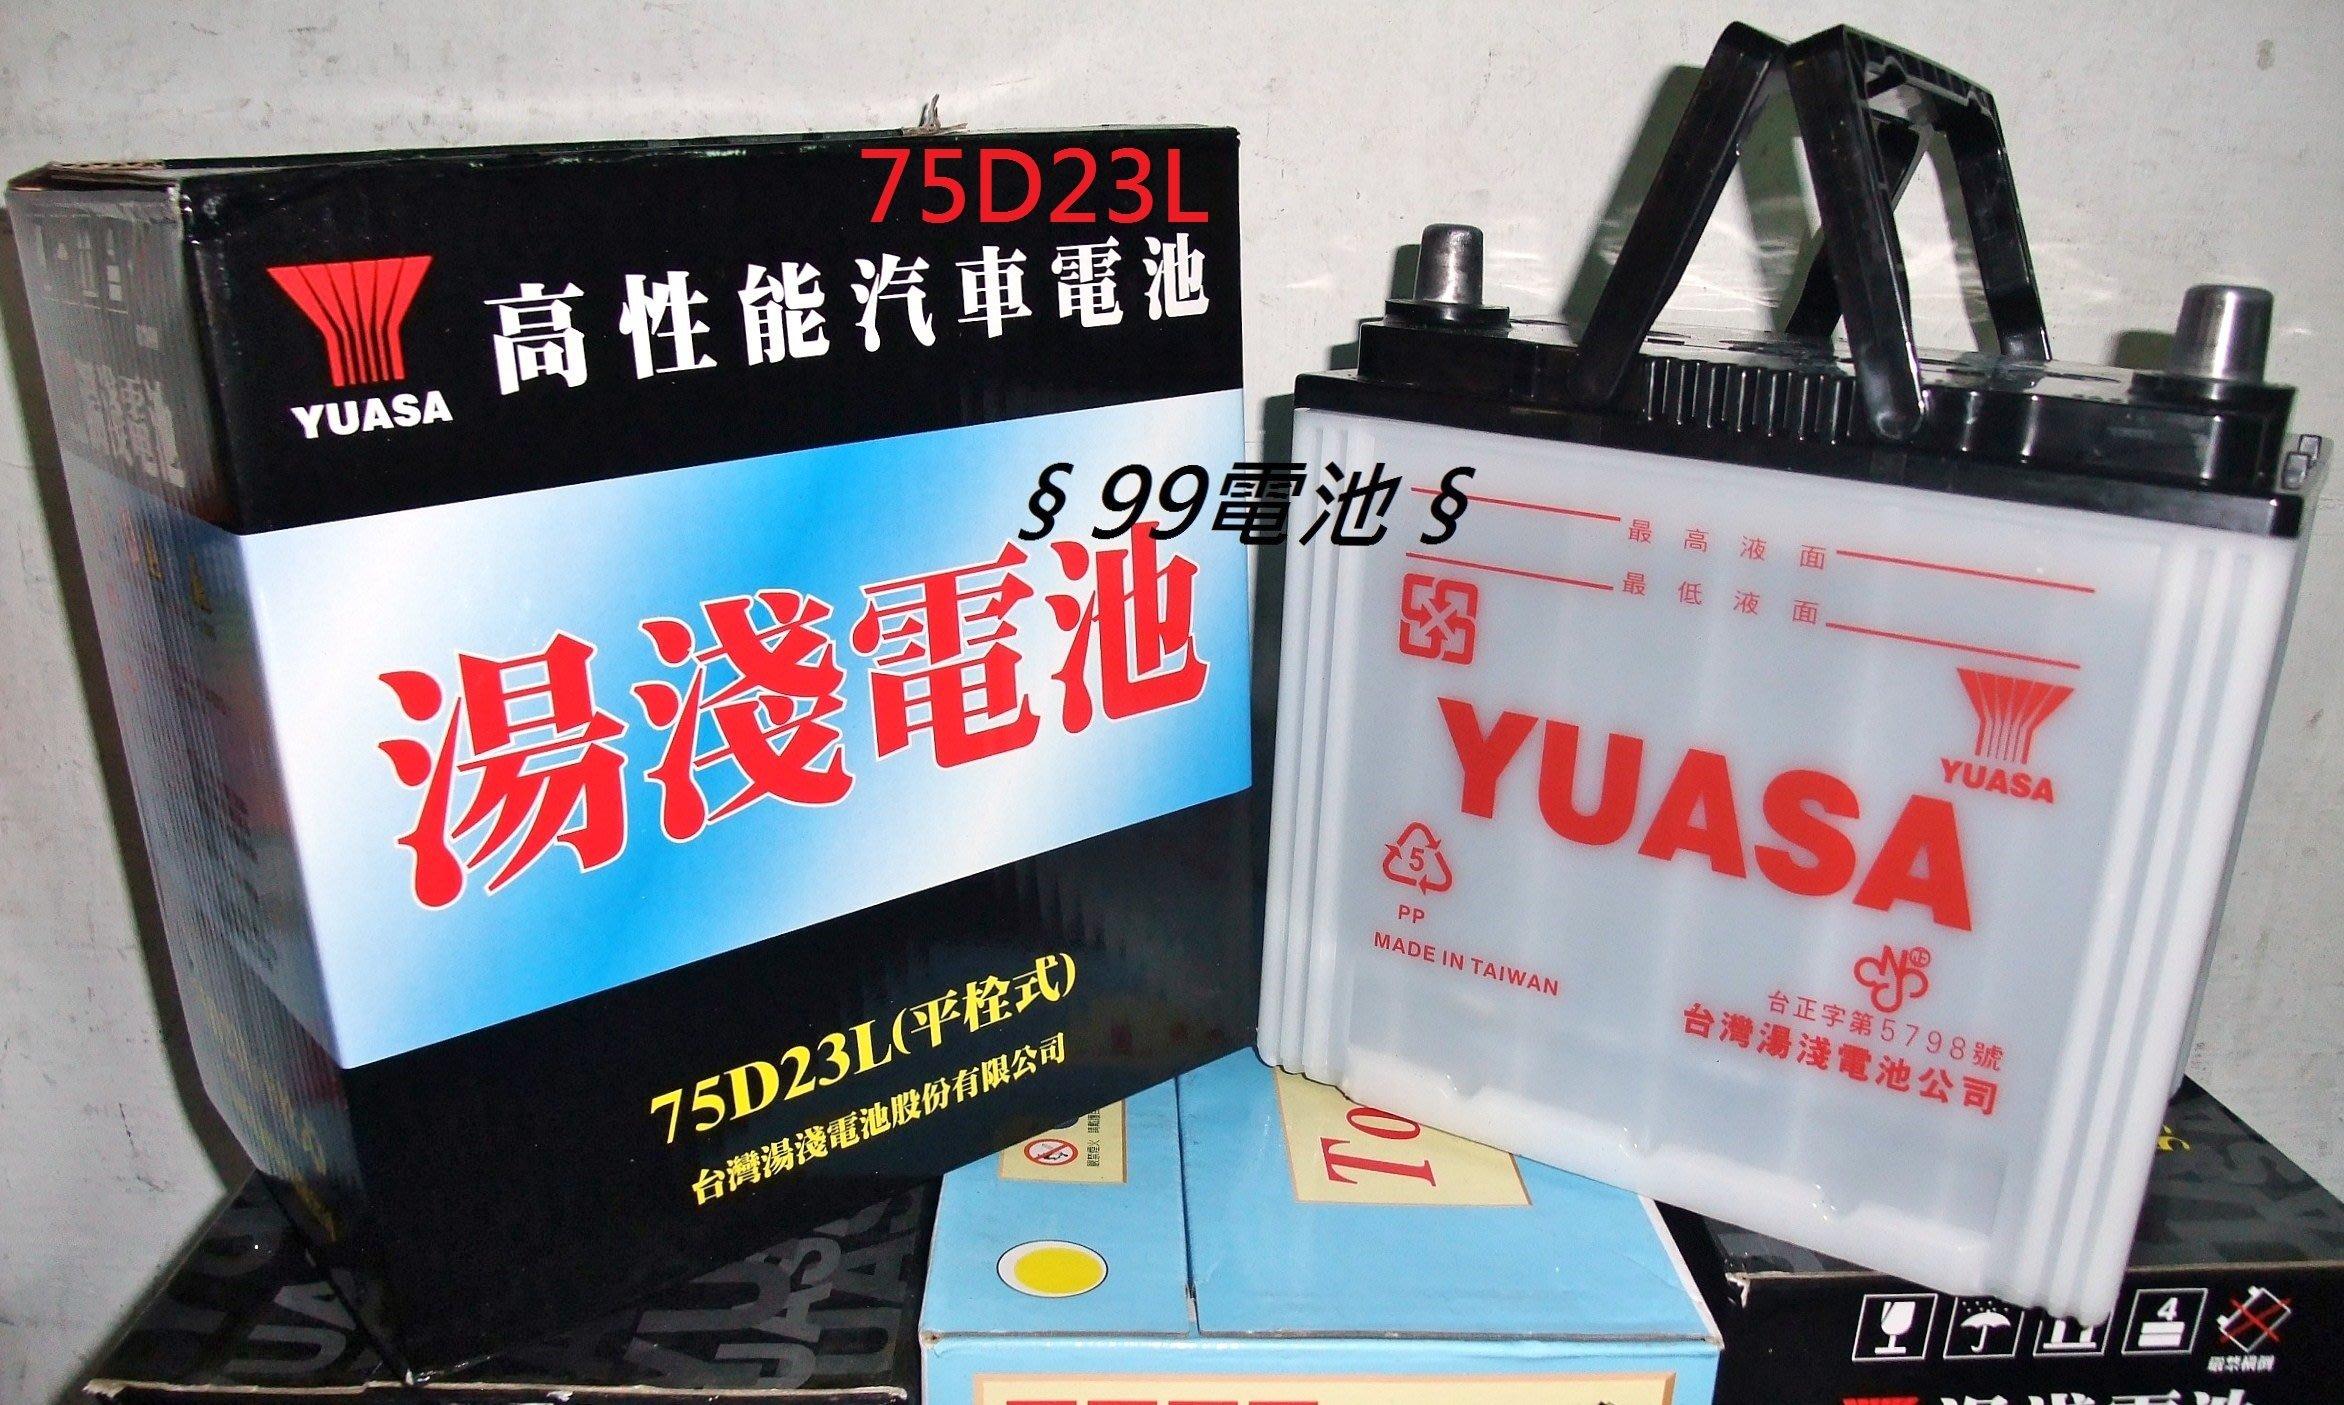 § 99電池 § 75D23L YUASA湯淺 汽車電池3560 35-60電瓶加水式 activa tierra 福特